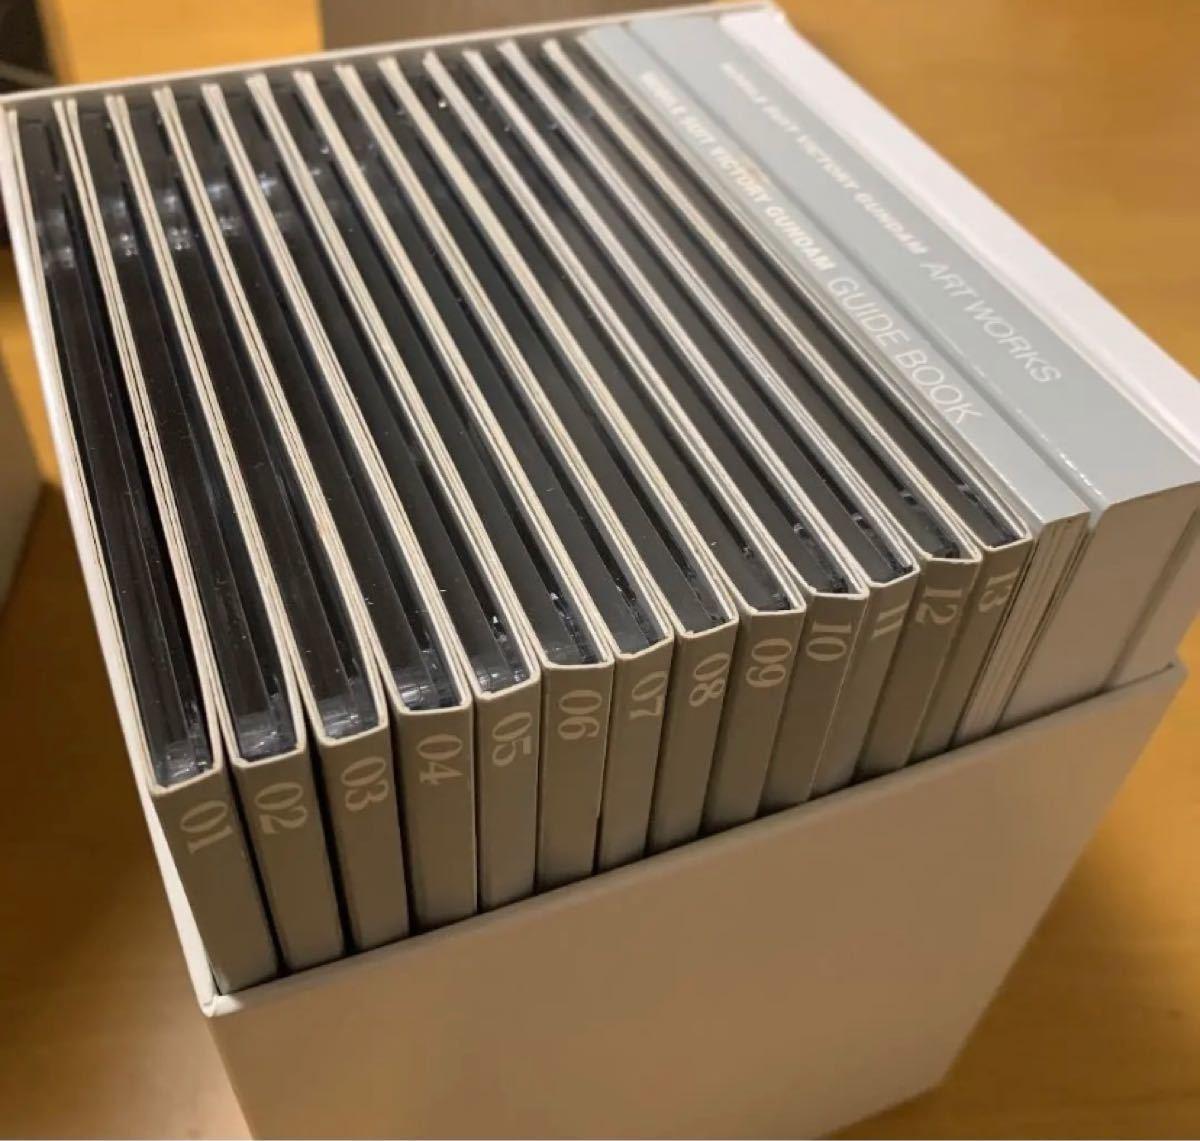 機動戦士Vガンダム DVDメモリアルボックス〈初回限定生産・13枚組〉